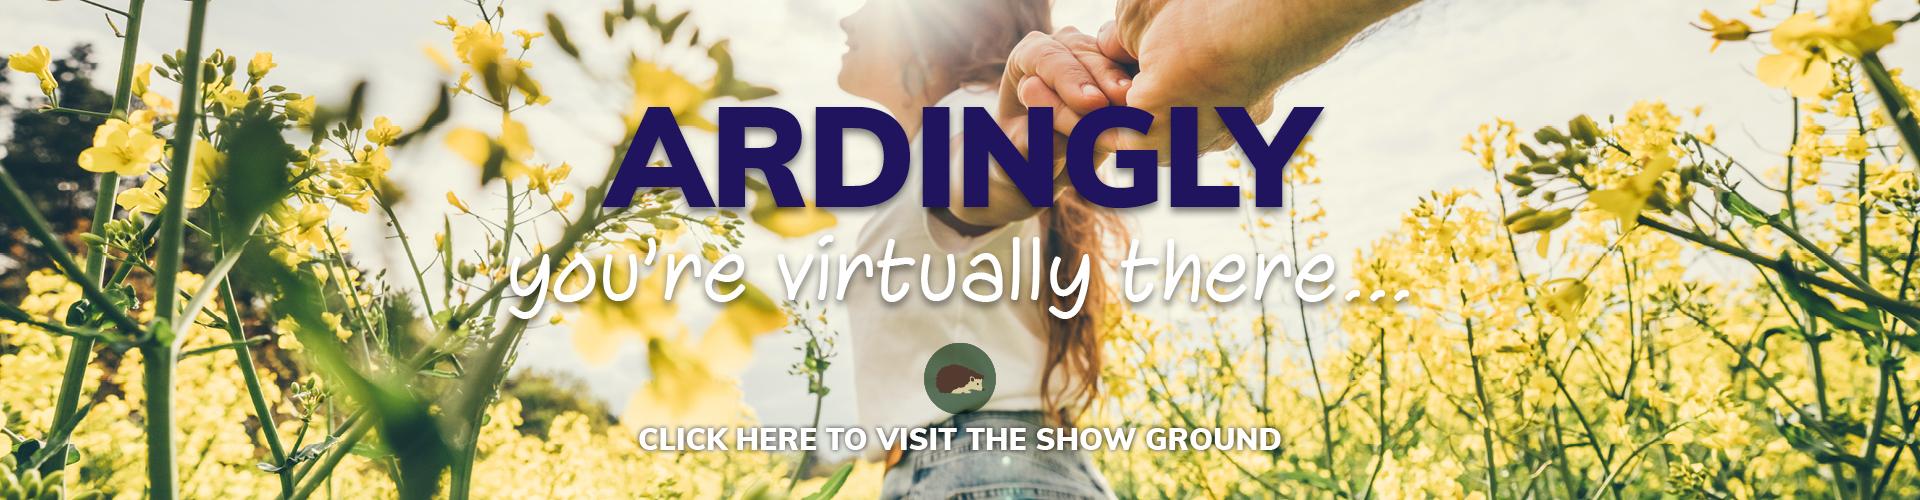 Virtual_Show_Ardingly_Web_Banner